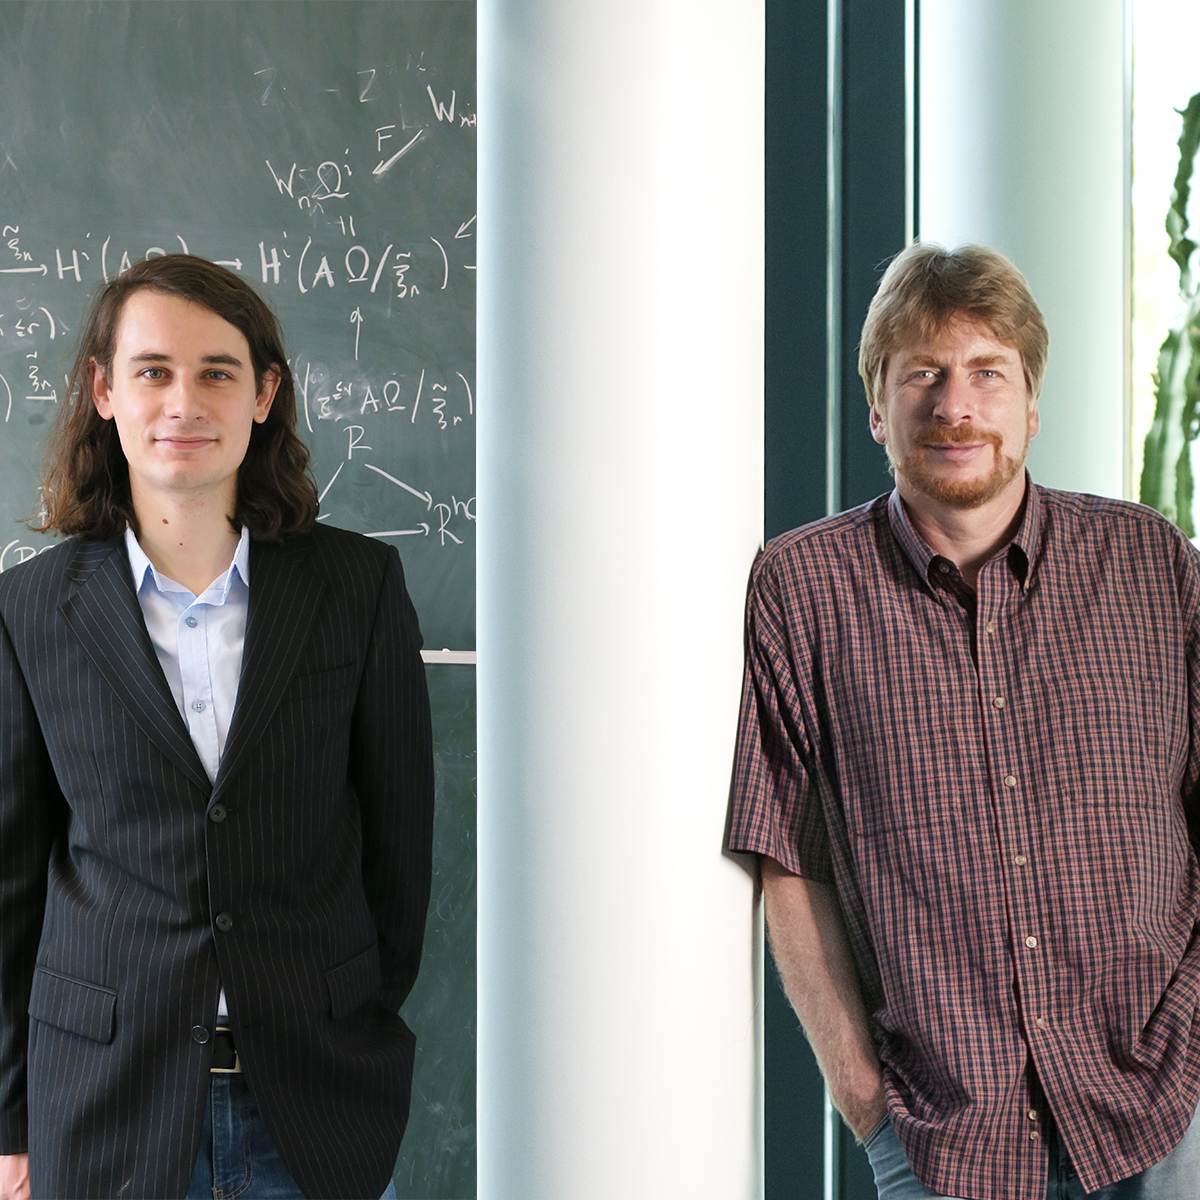 Zwei Forscher der Uni Bonn erhalten den Leibniz-Preis + + + mehr: